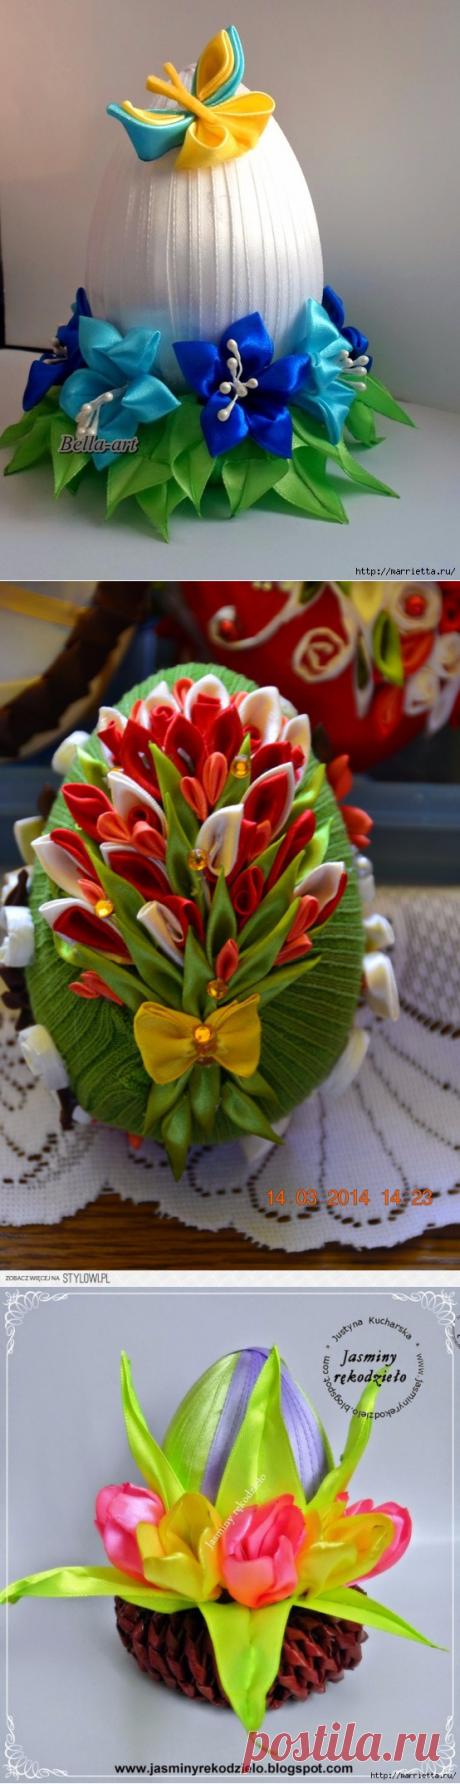 Шёлковые пасхальные яйца с цветами Канзаши